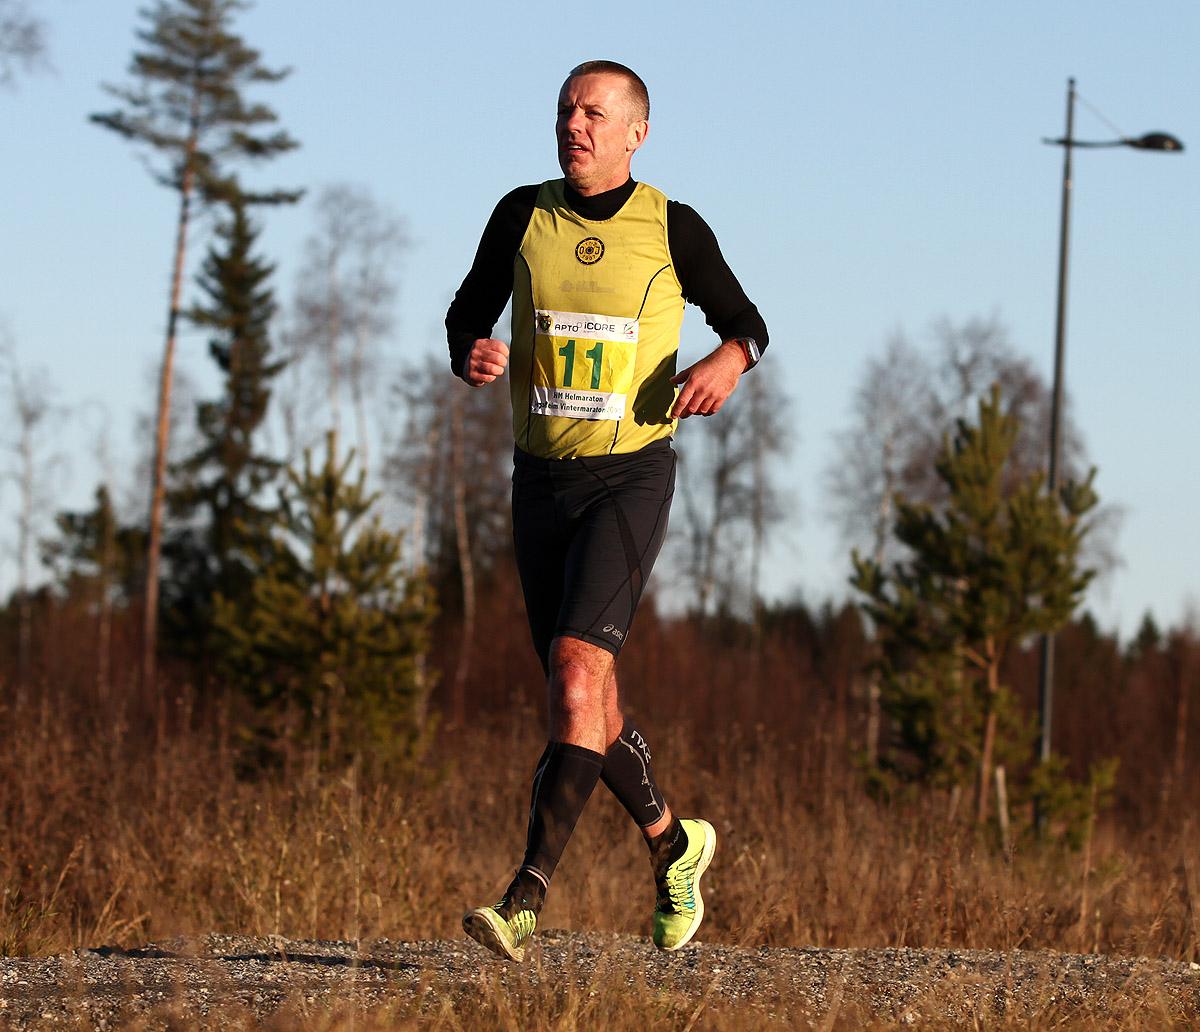 Vintermaraton2013_Steinar-Lien_31-3km.jpg